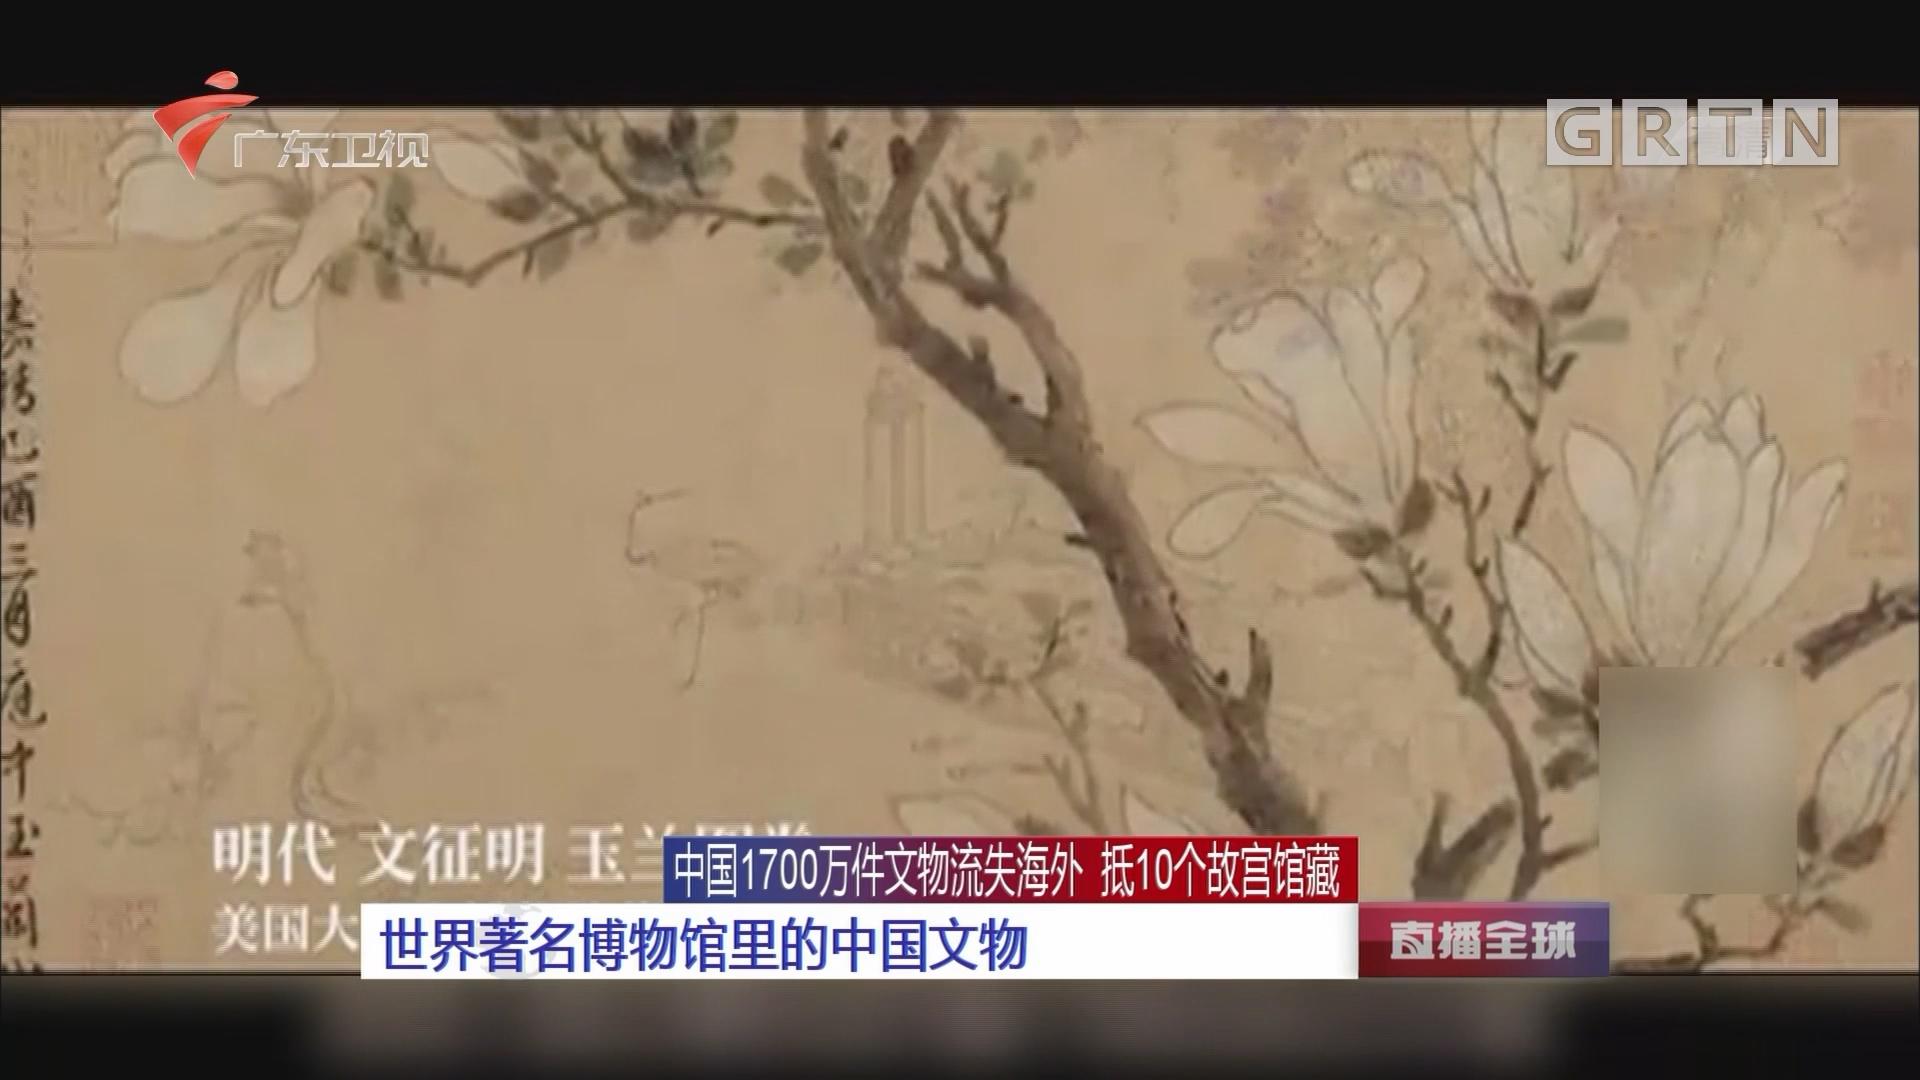 中国1700万件文物流失海外 抵10个故宫馆藏:世界著名博物馆里的中国文物